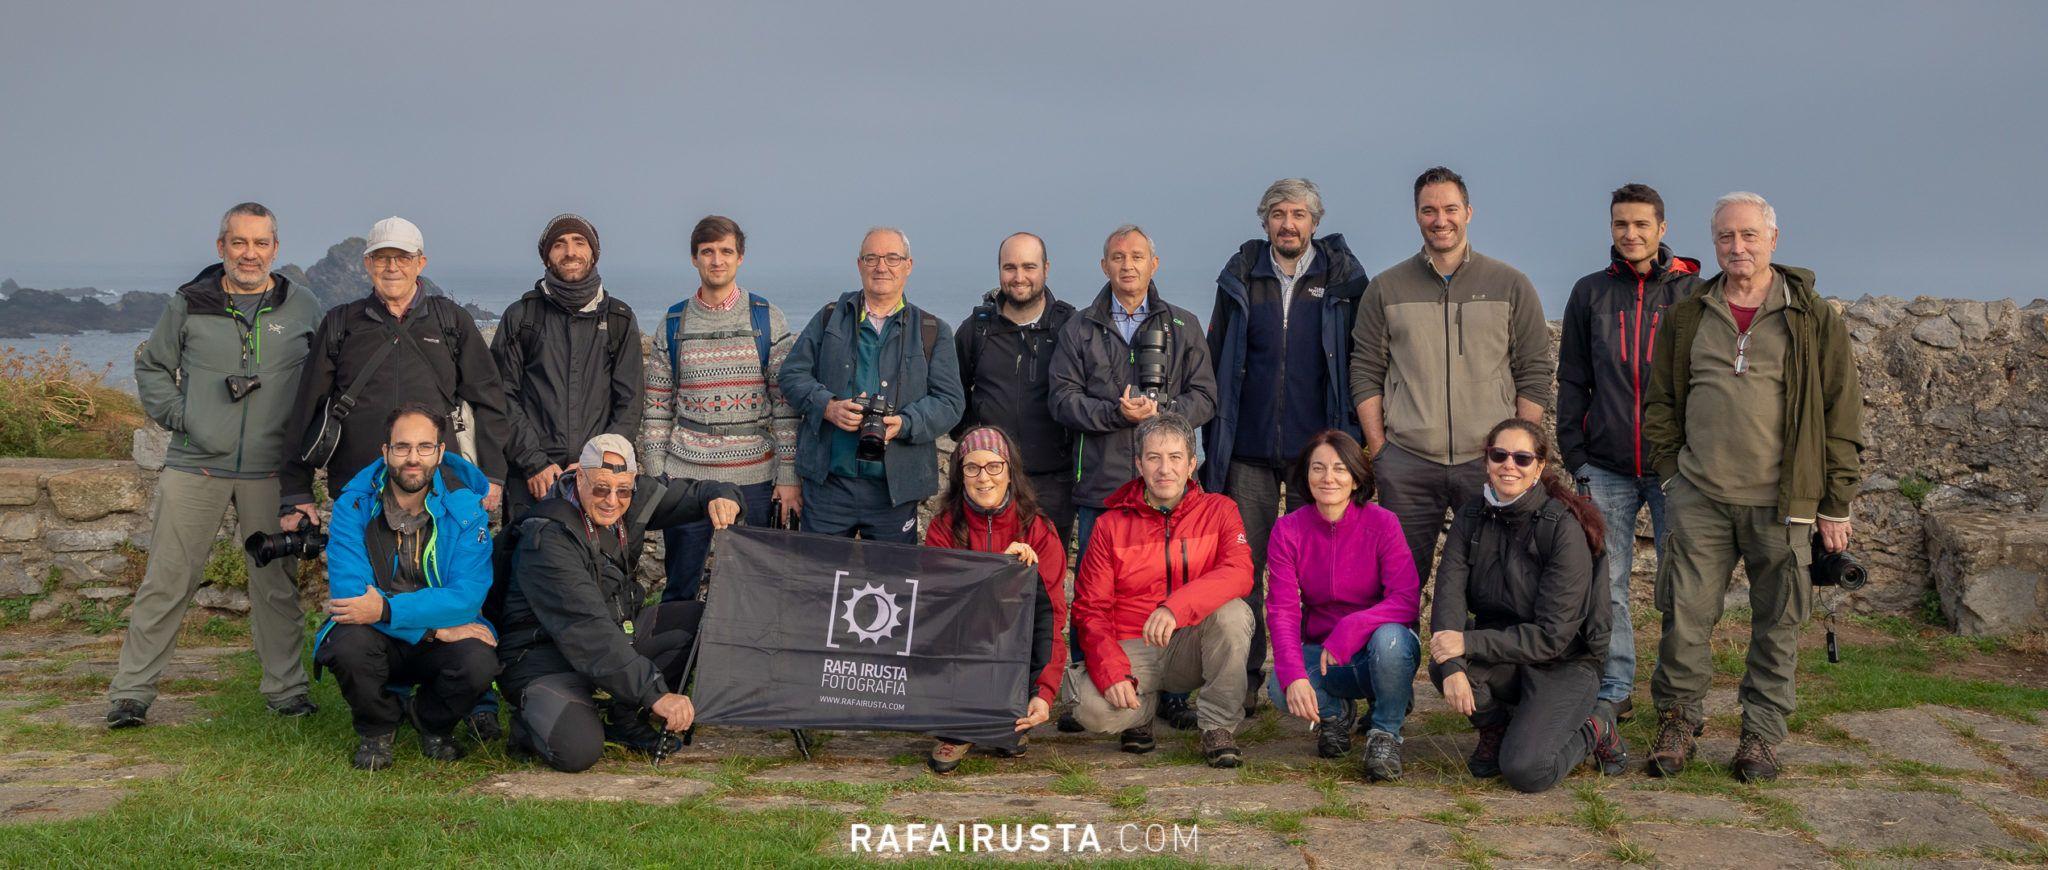 Taller Fotografía Costa Bizkaia octubre 2018, foto de grupo